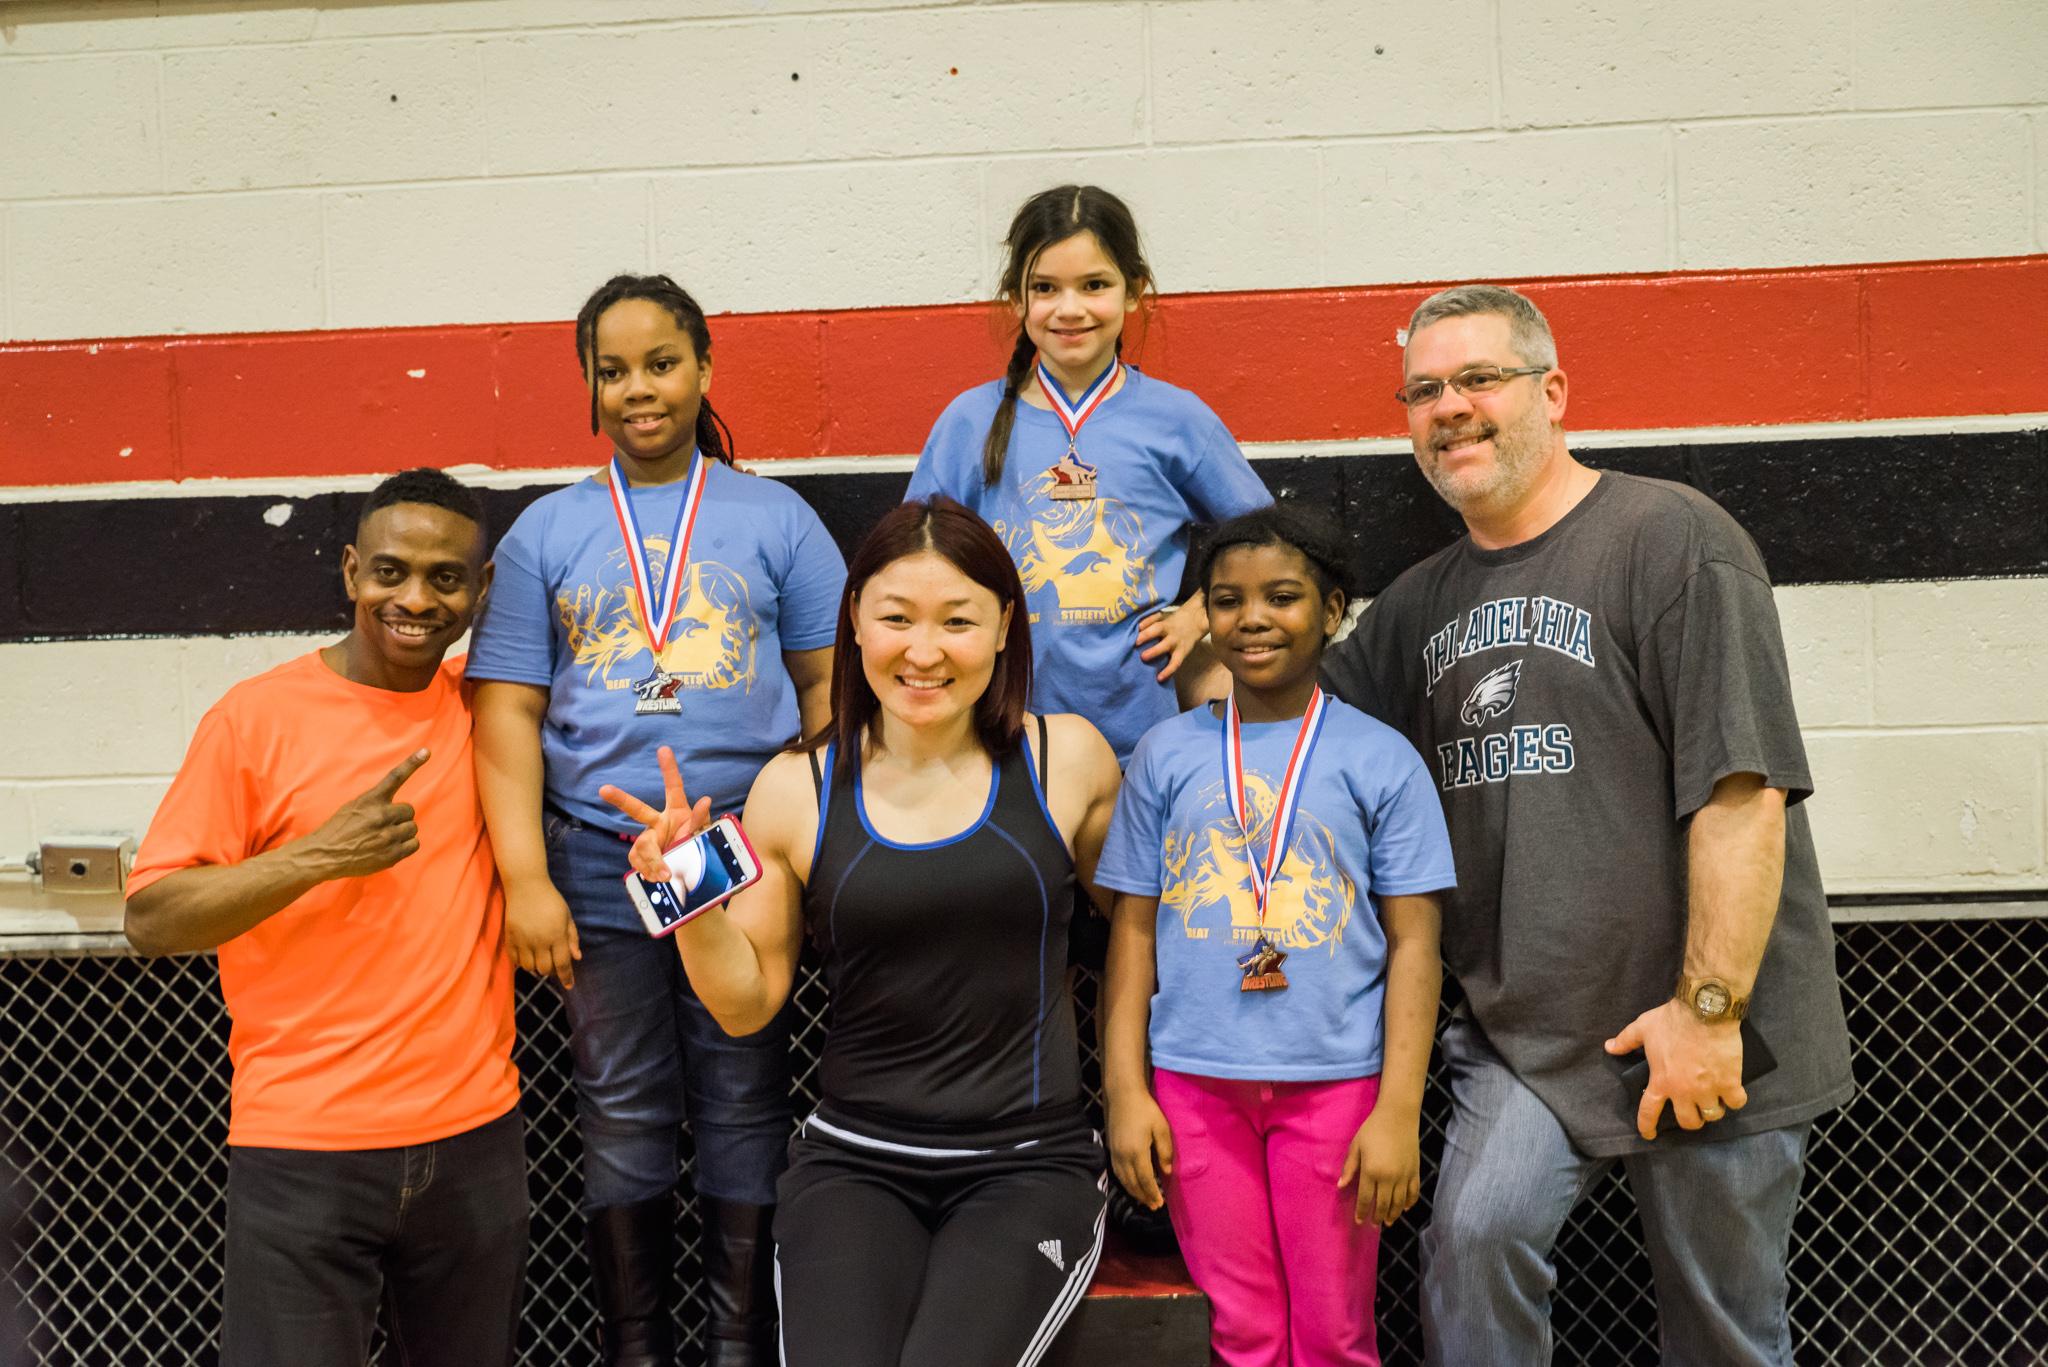 BTSP Hosts Philadelphia Youth Wrestling Day